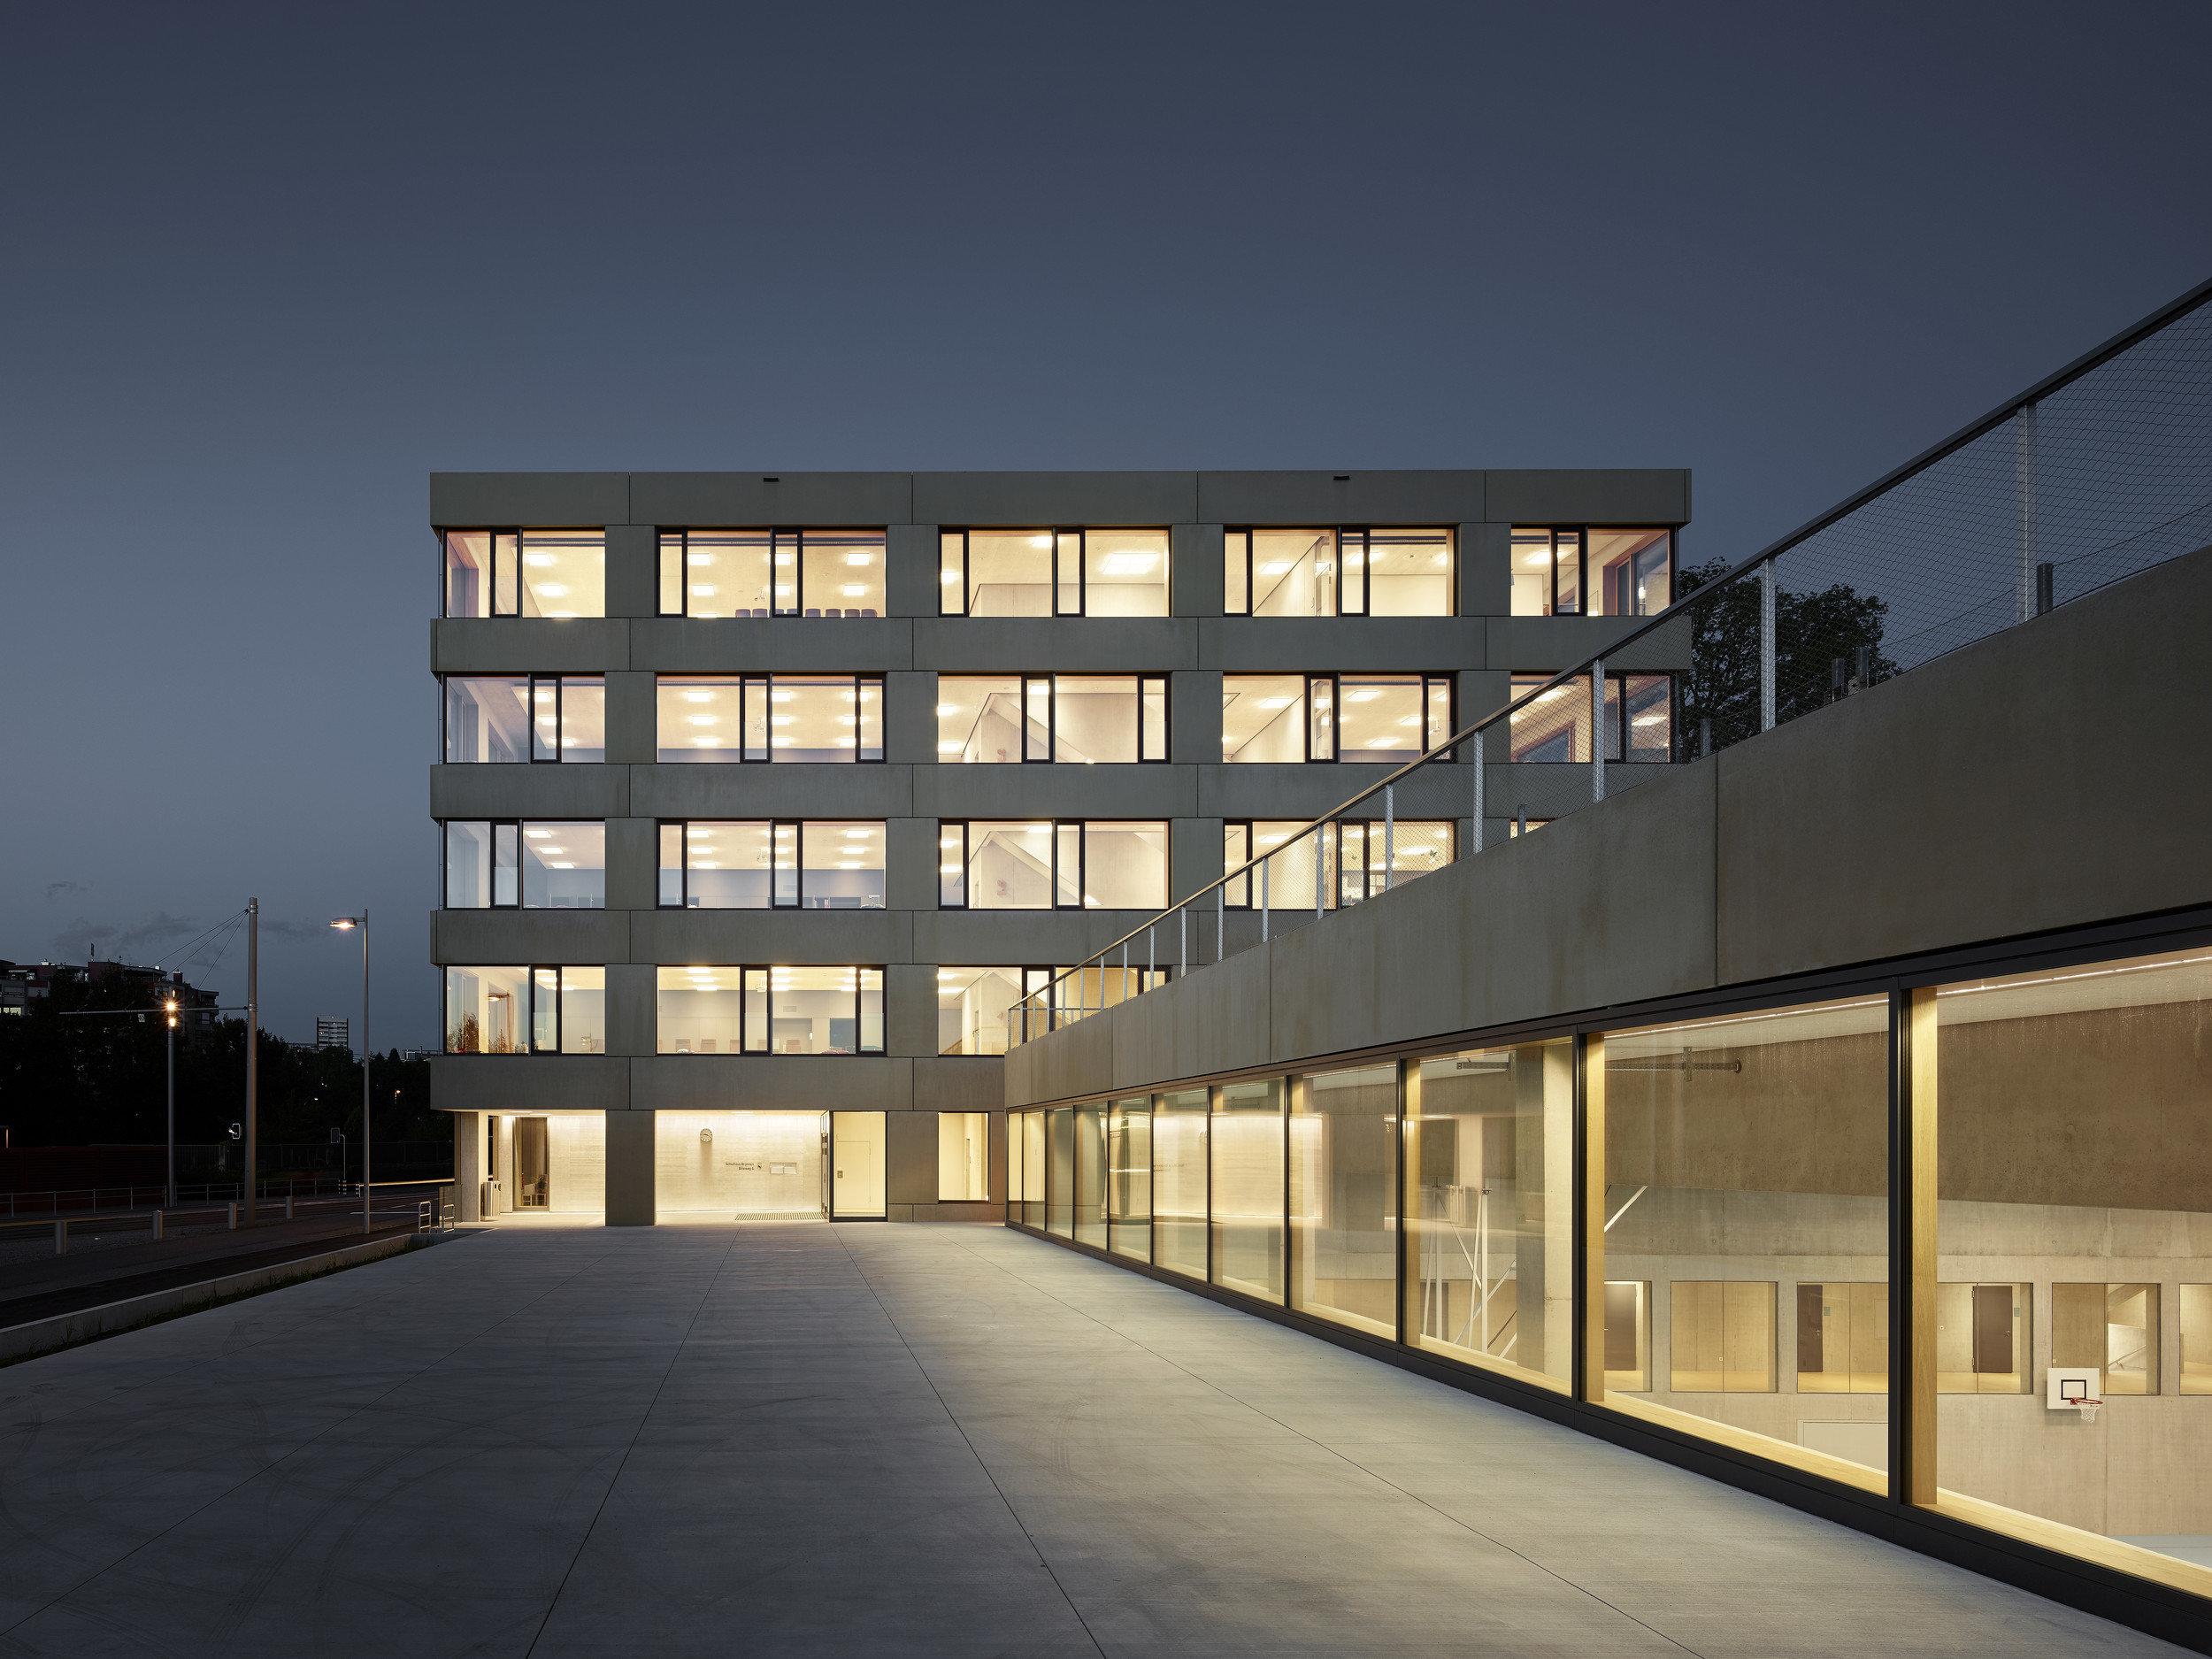 Schulgebäude mit Pfosten-Riegelelementen komplett verglast